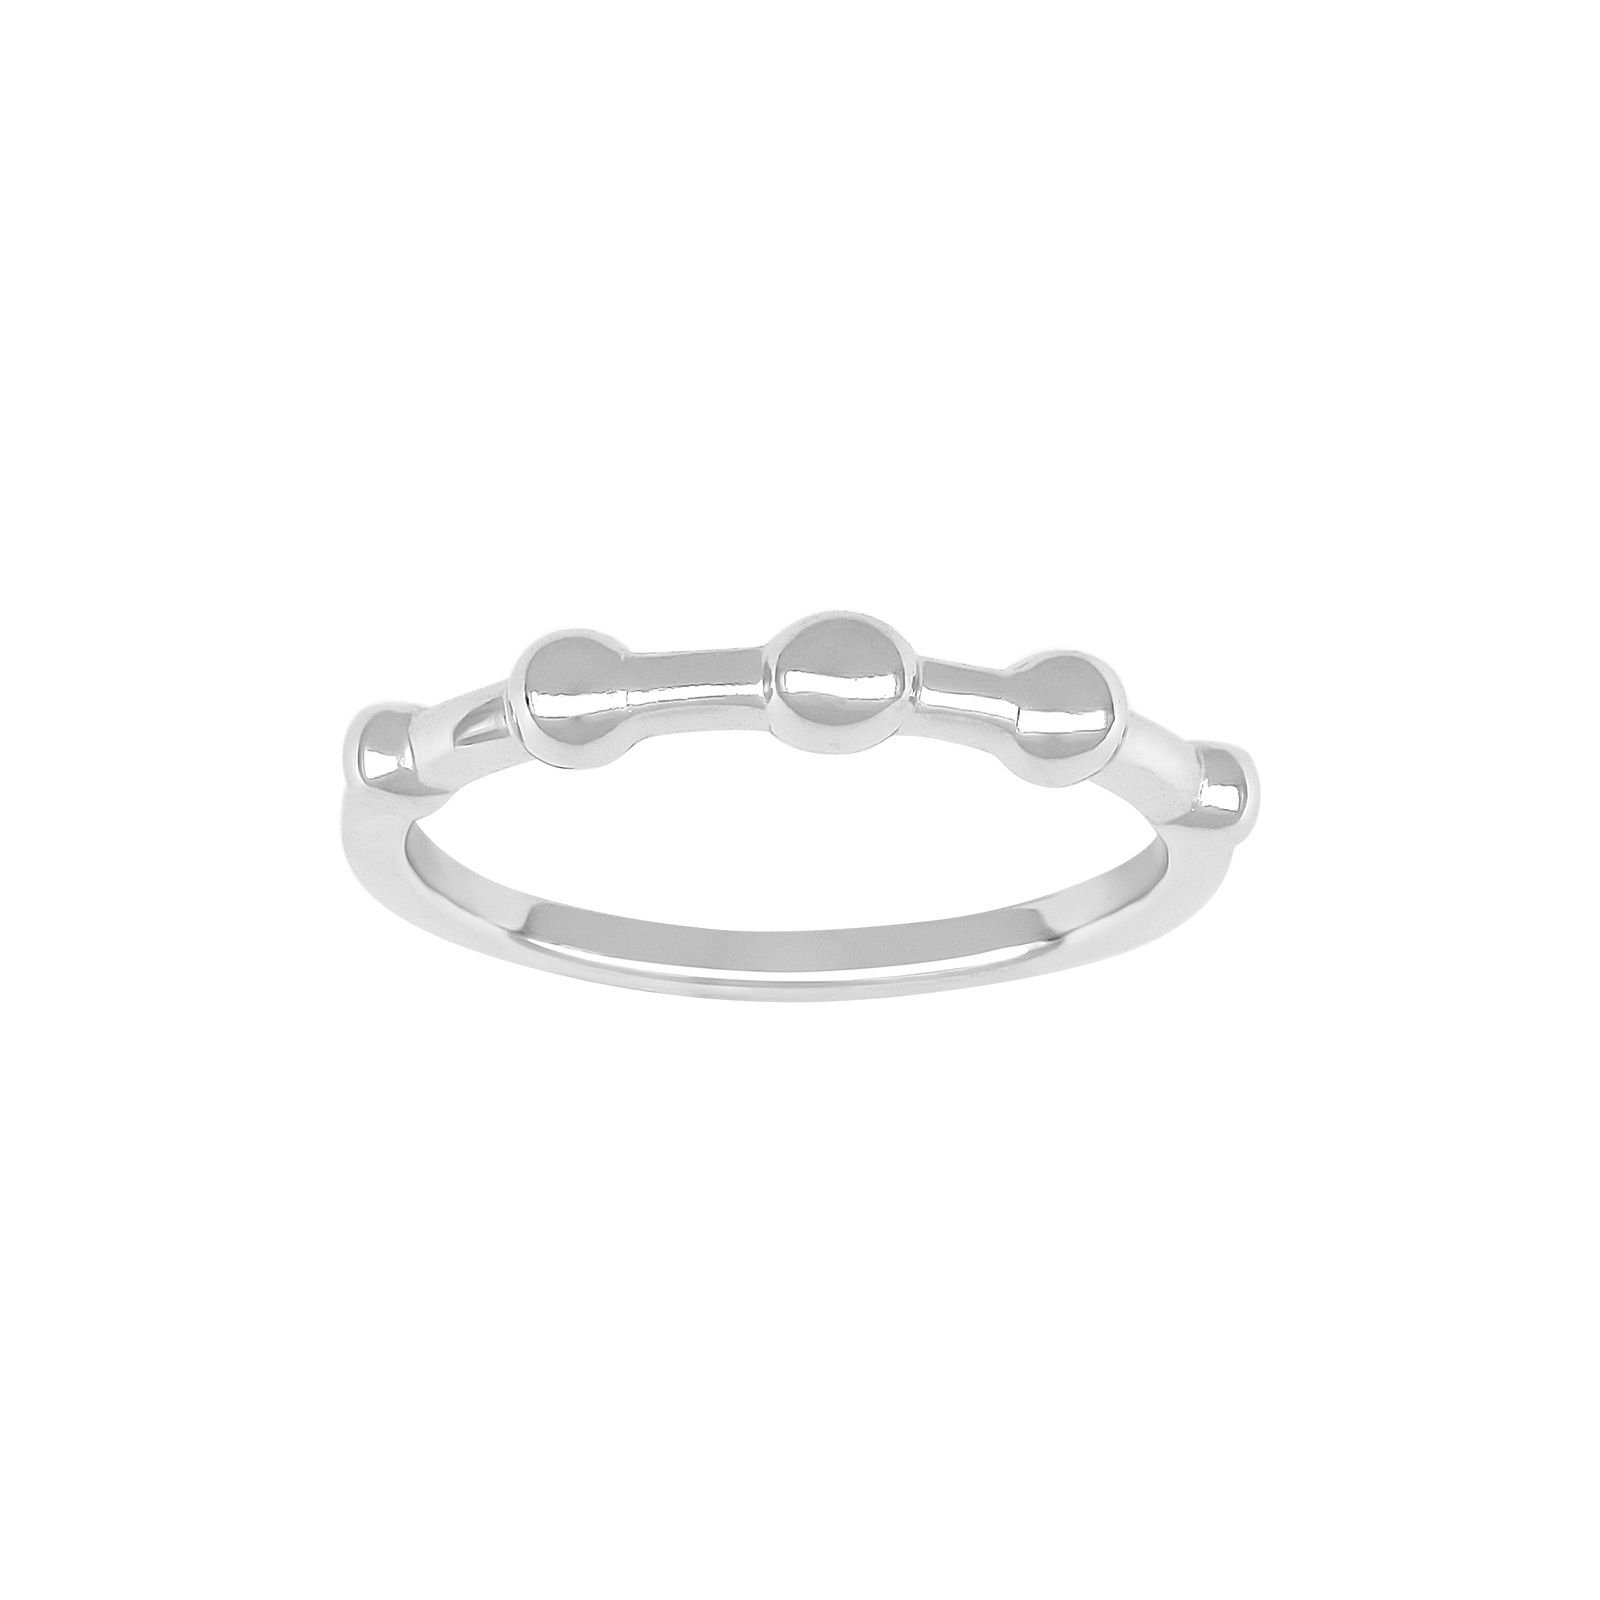 Nordahl 125 326 ring, sølv, 52